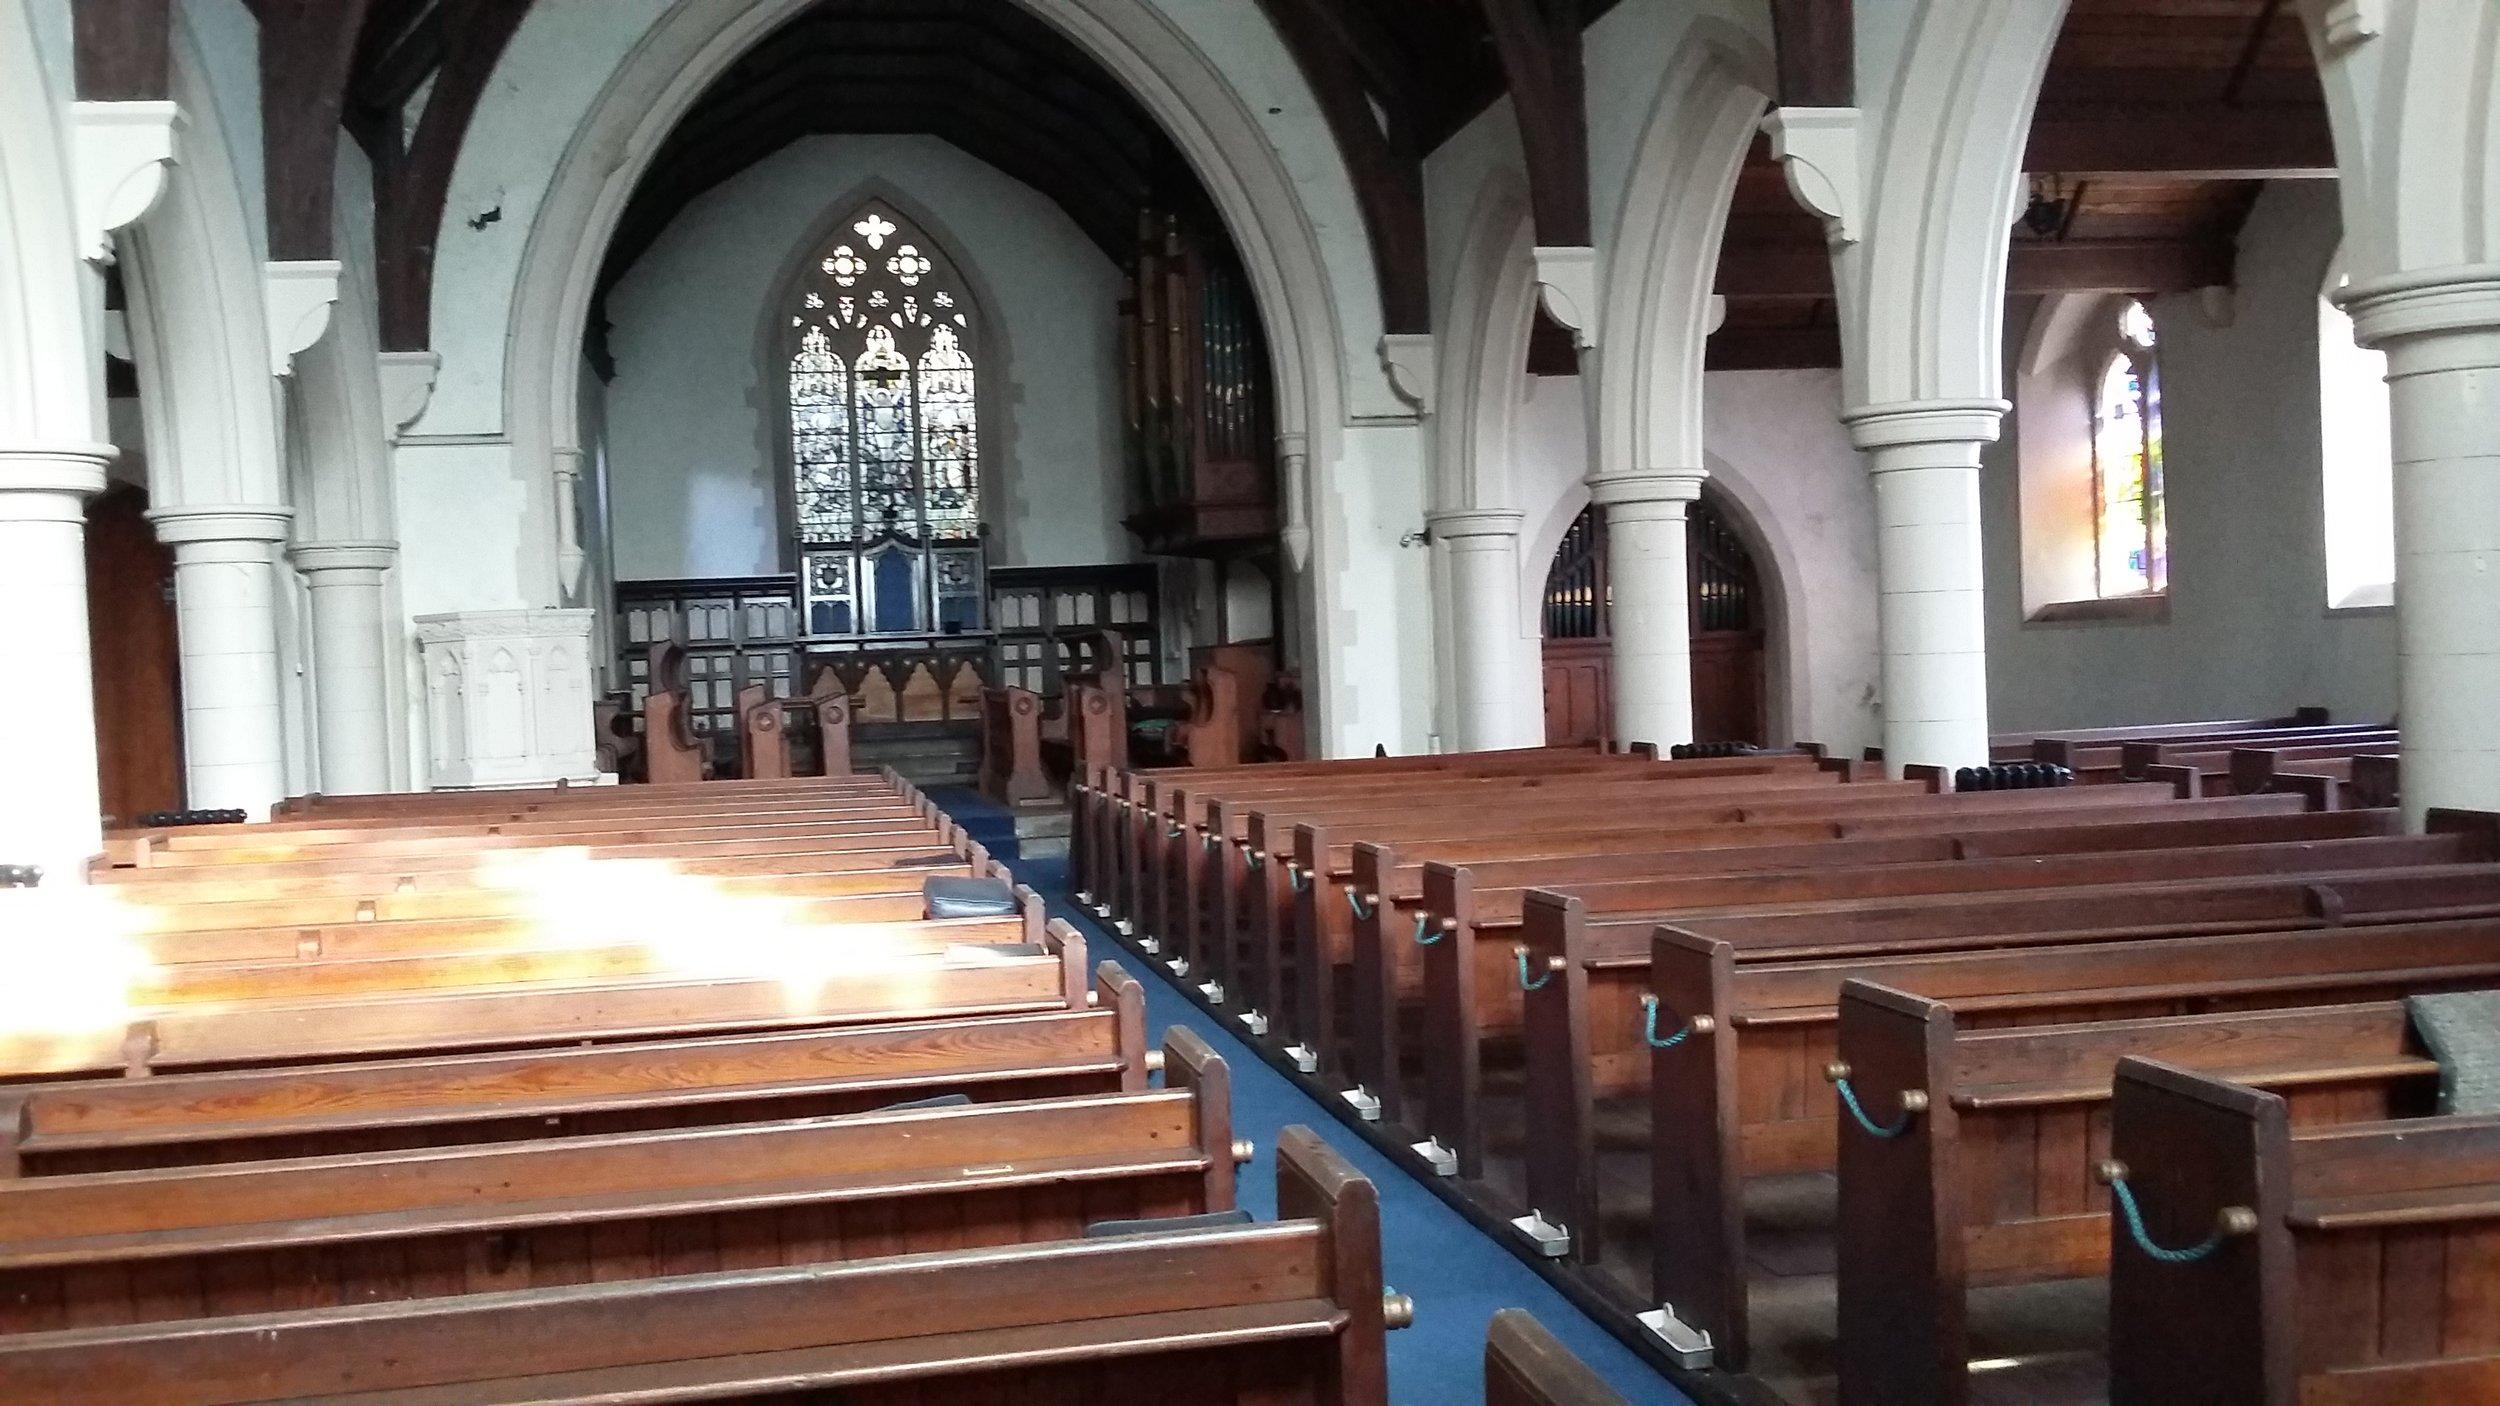 the main church hall